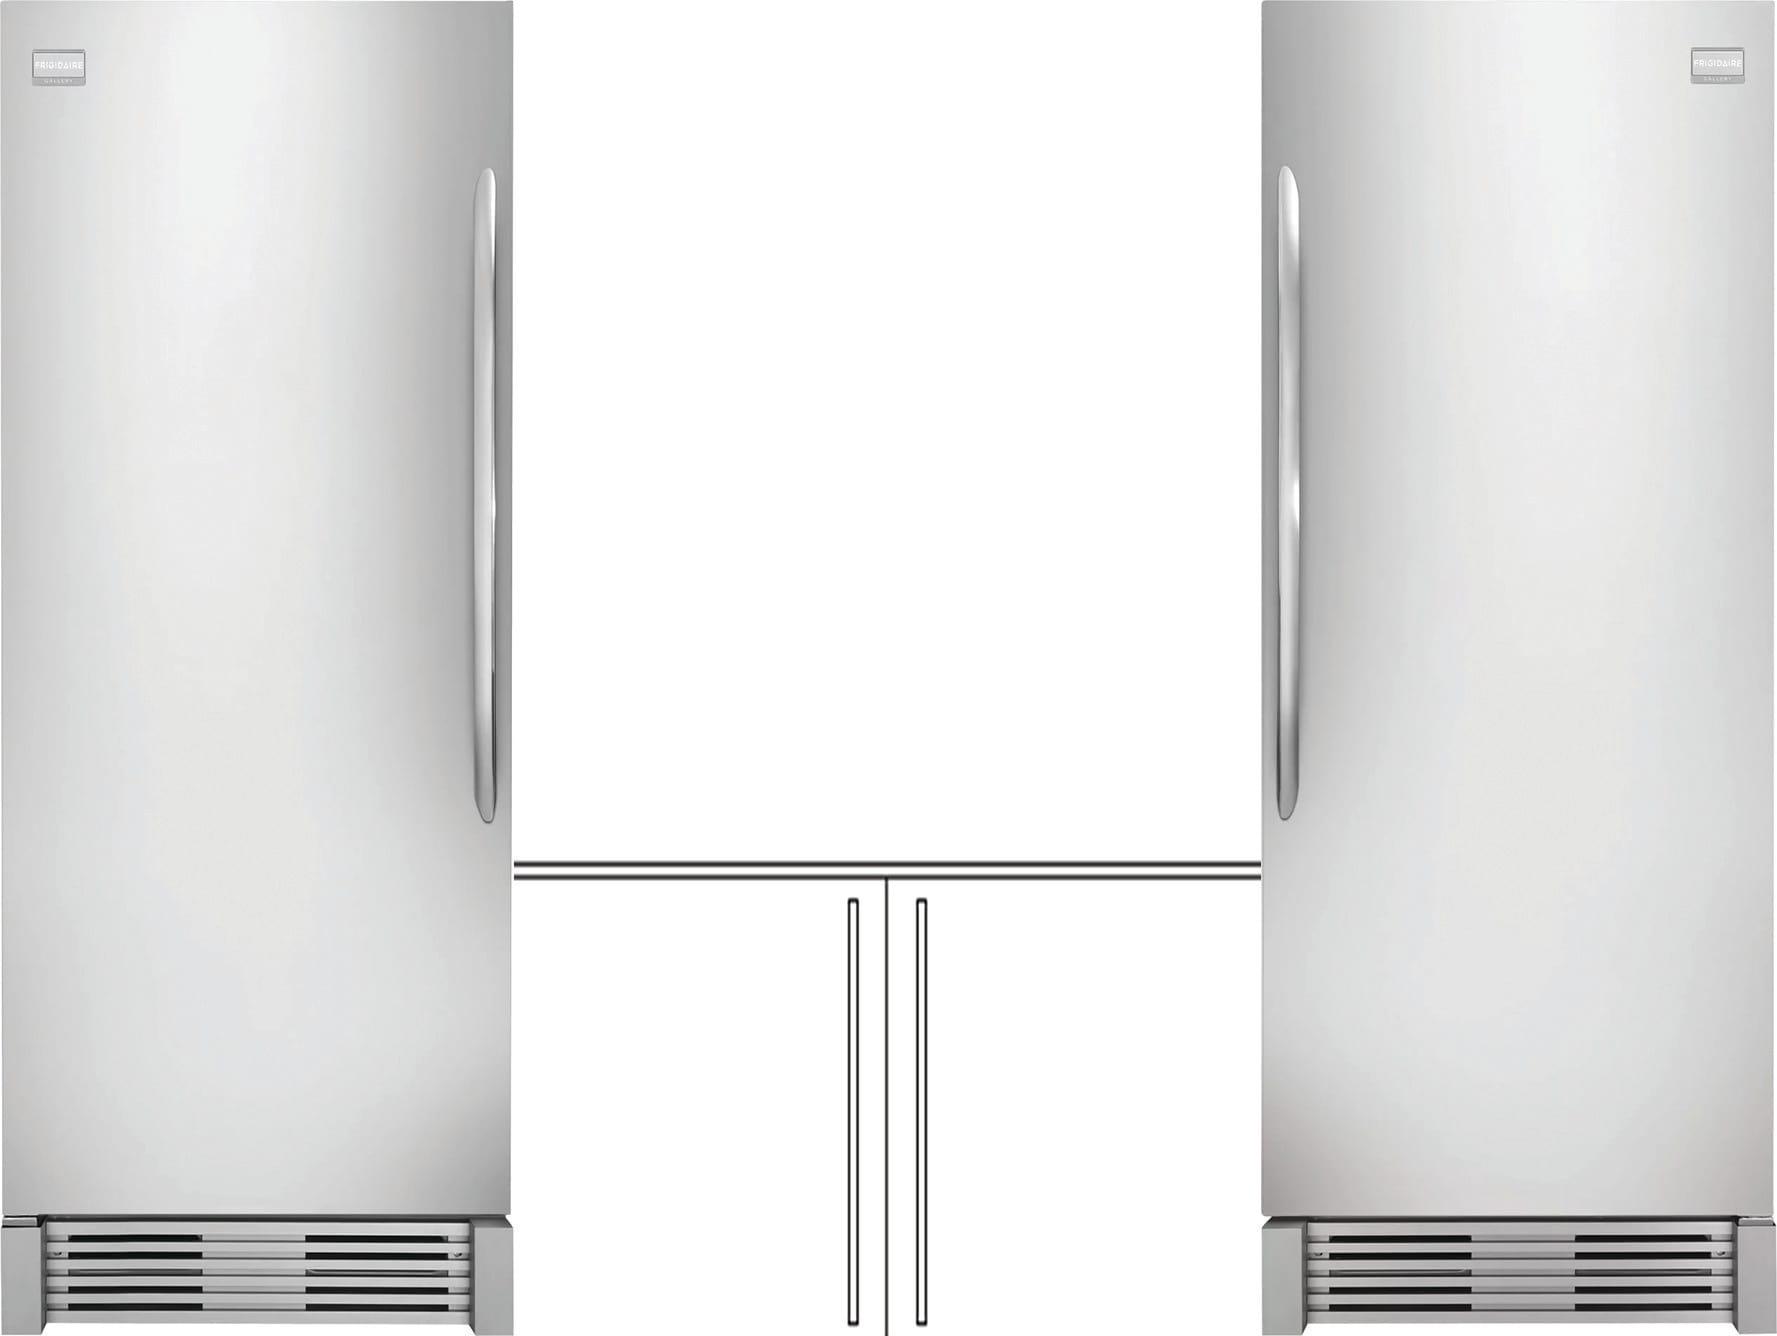 Frigidaire Frrefr2 Separate Install Column Refrigerator